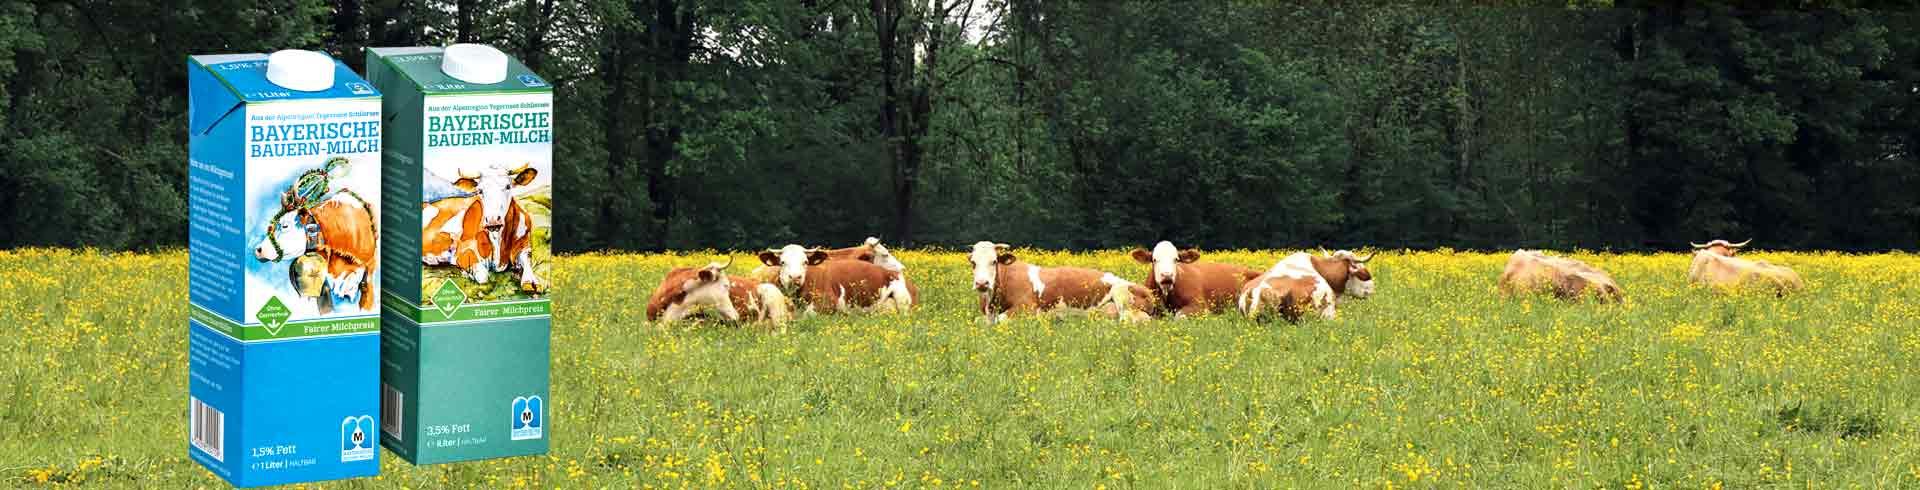 Bayerische Bauern-Milch - Schmeckt wia dahoam